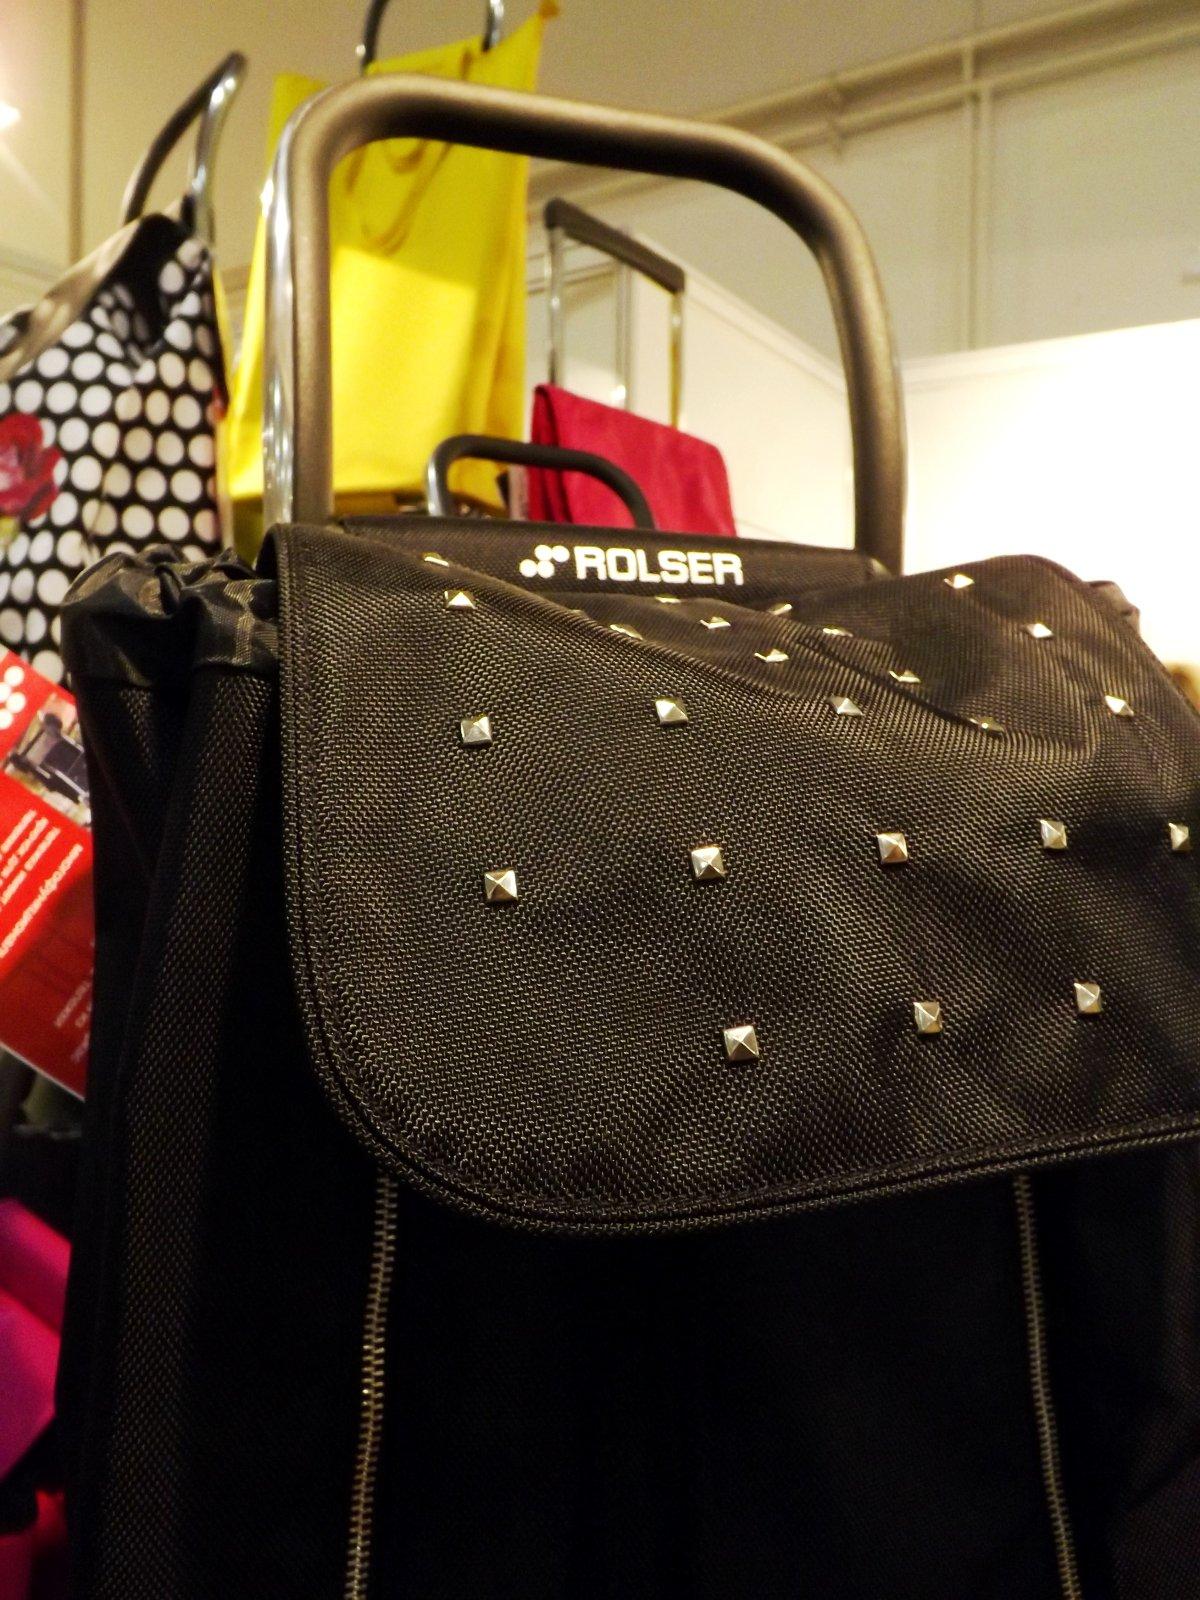 Верхний клапан сумки-тележки с декоративными клёпками из коллекции 2014 года от Rolser на выставке КонсумЭкспо-Зима 2015